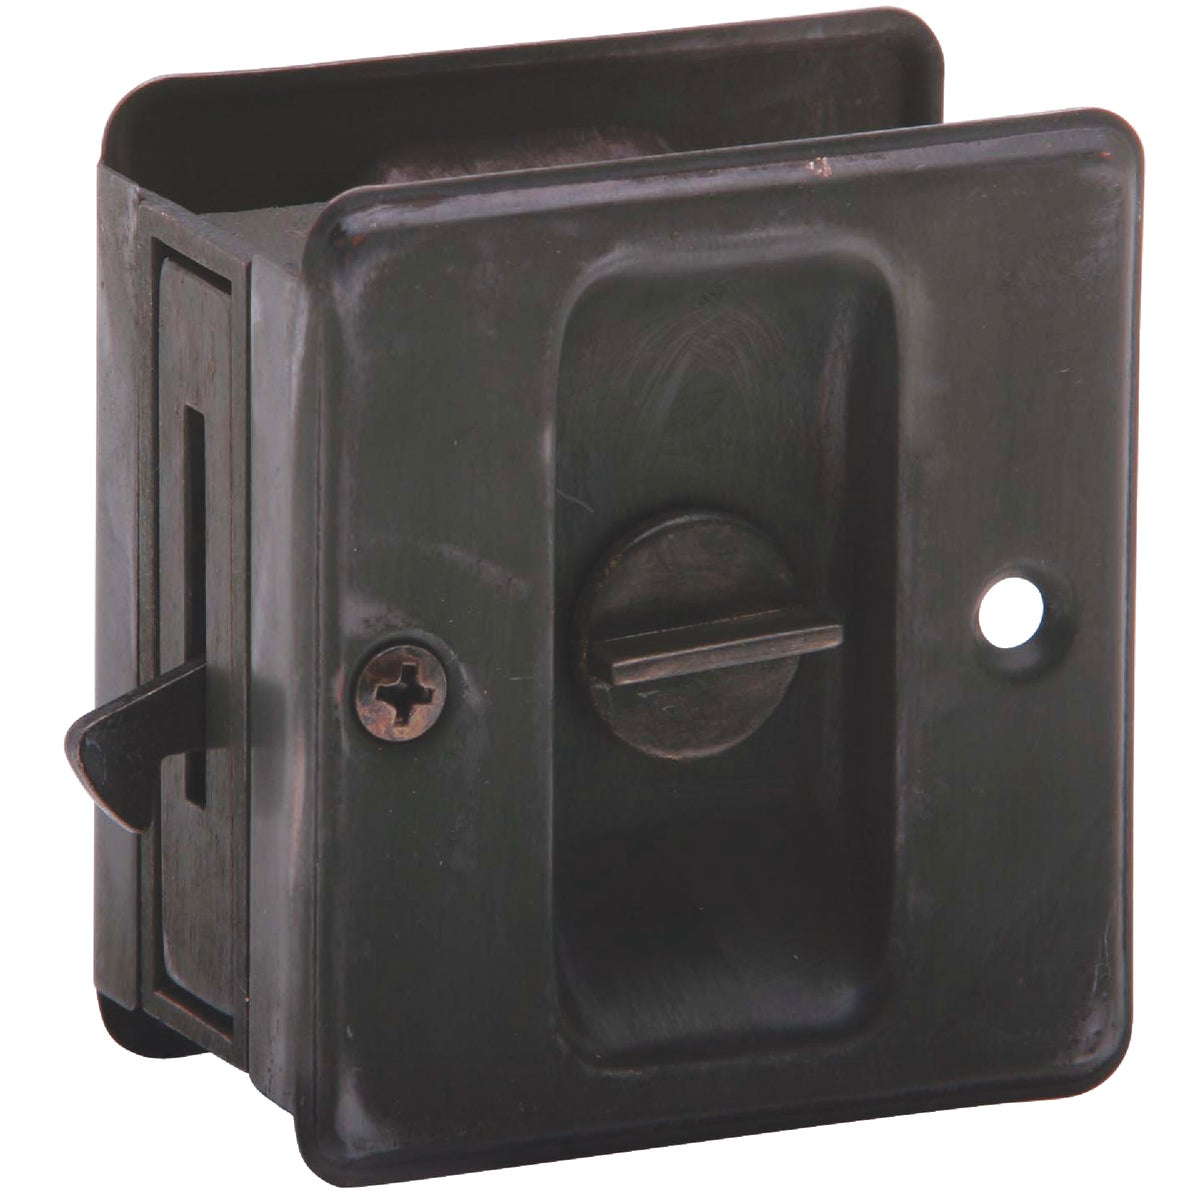 ABRZ PR POCKET DOOR PULL - SC991B-716 by Schlage Lock Co